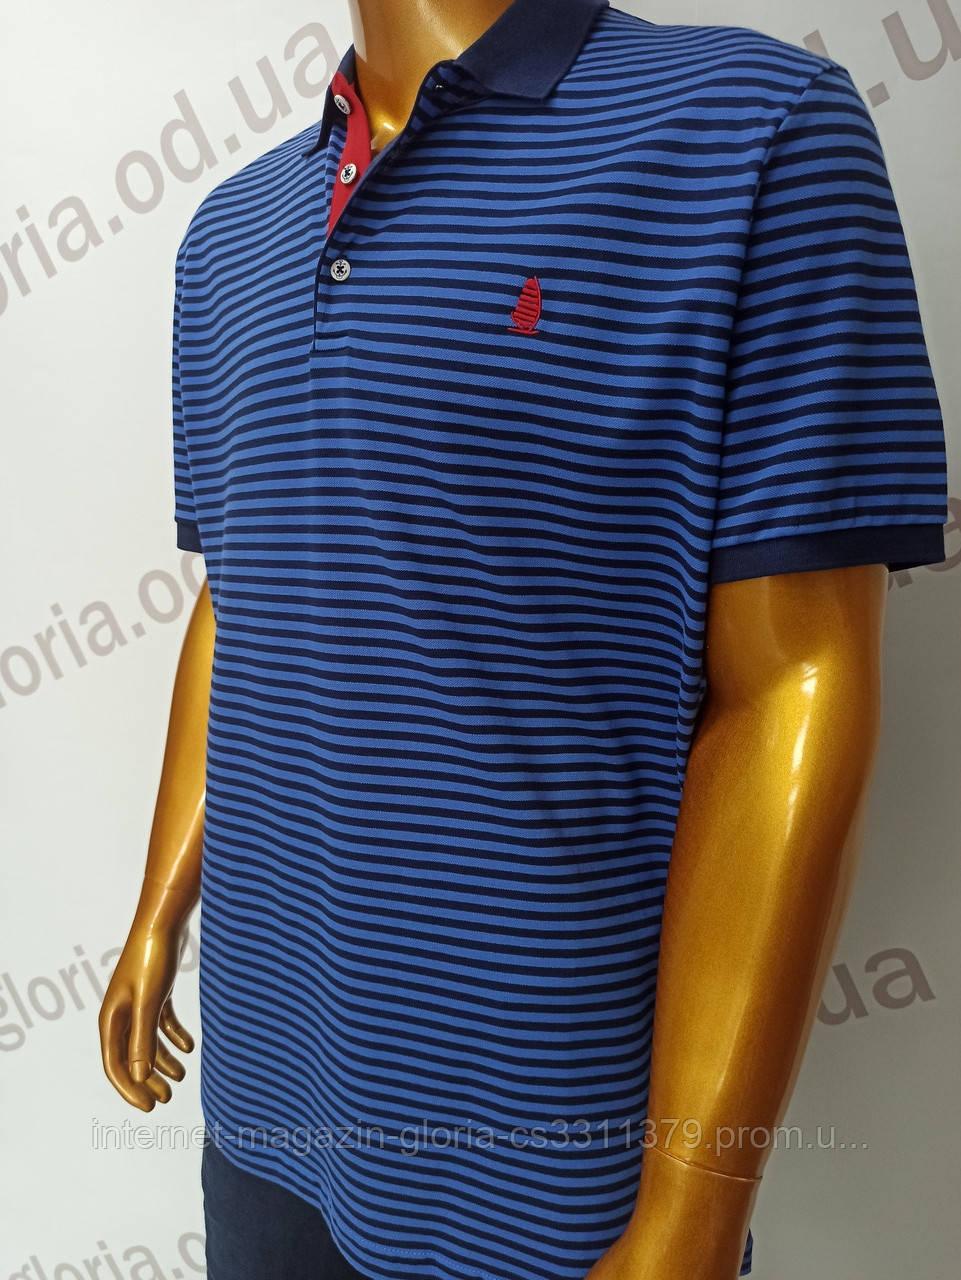 Мужская футболка поло Tony Montana. PSL-1003s (tmp241-8). Размеры: M,L,XL,XXL.